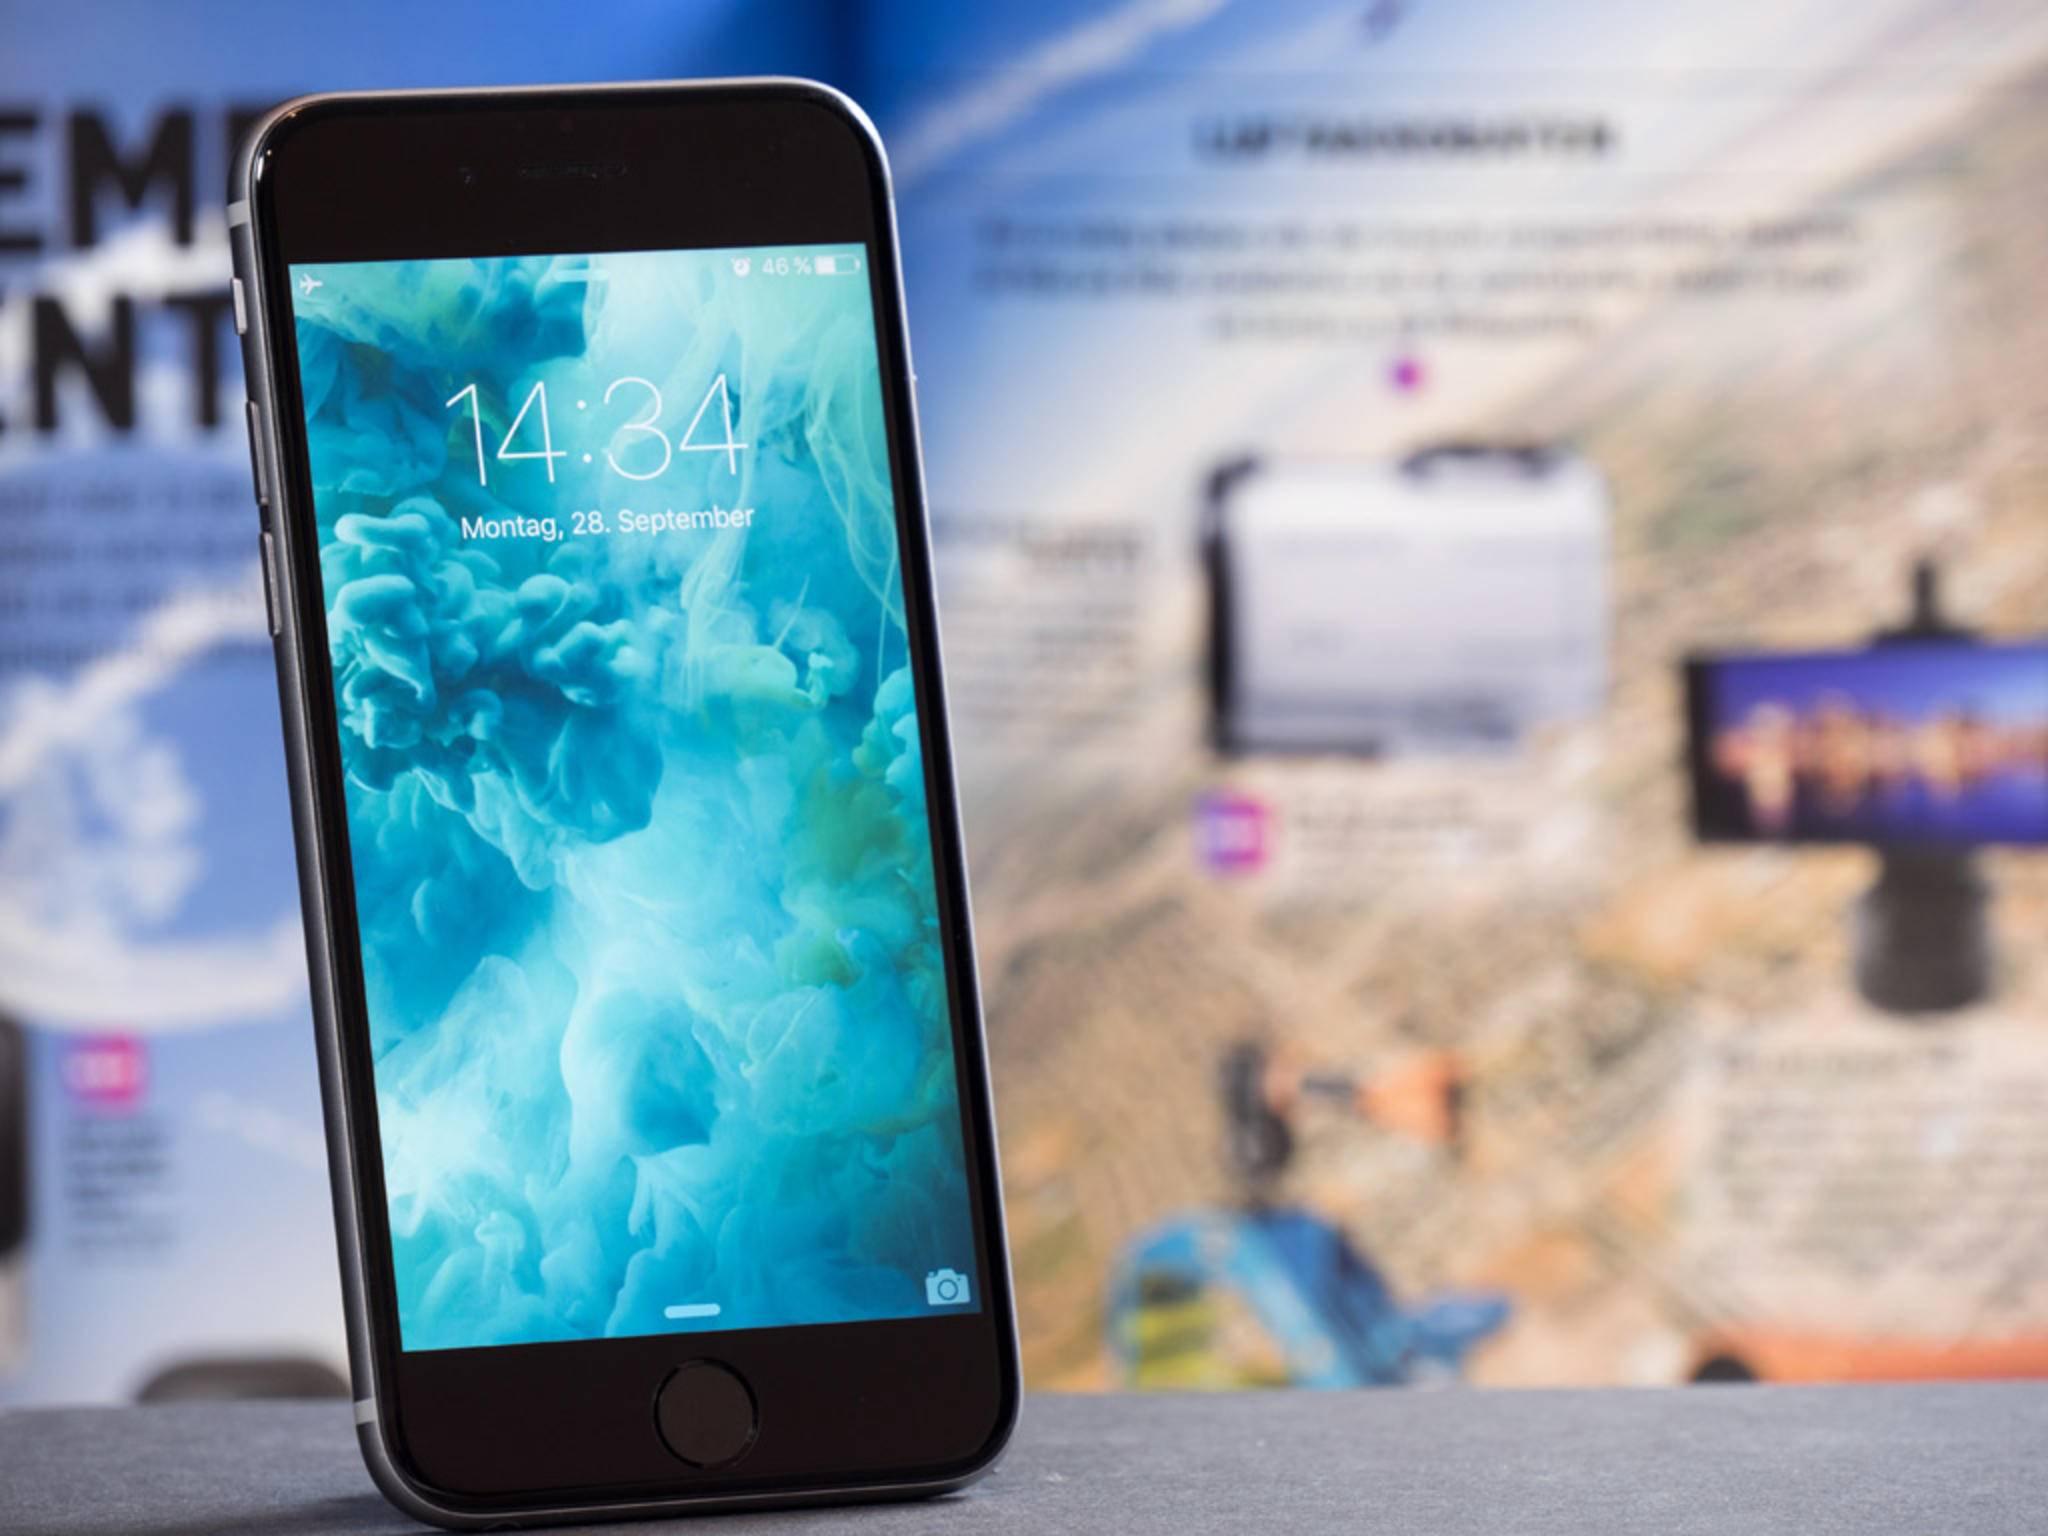 Gutes Gerät: Das iPhone6s schnitt im TURN ON-Test prima ab.